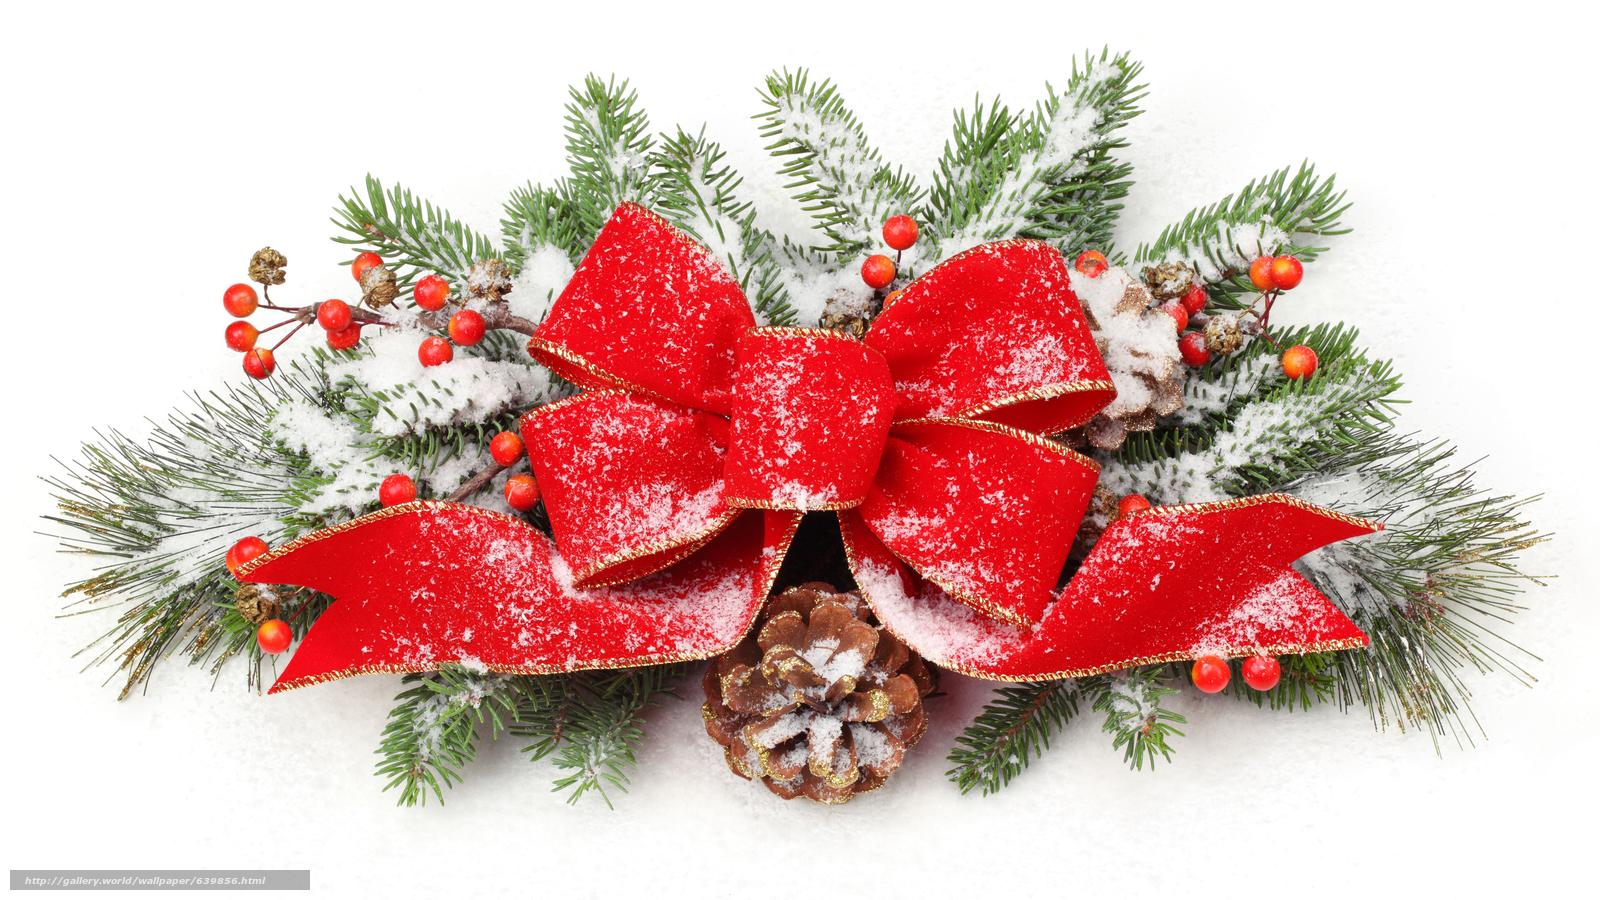 Скачать обои новый год,  украшения,  декор,  лента бесплатно для рабочего стола в разрешении 7680x4320 — картинка №639856